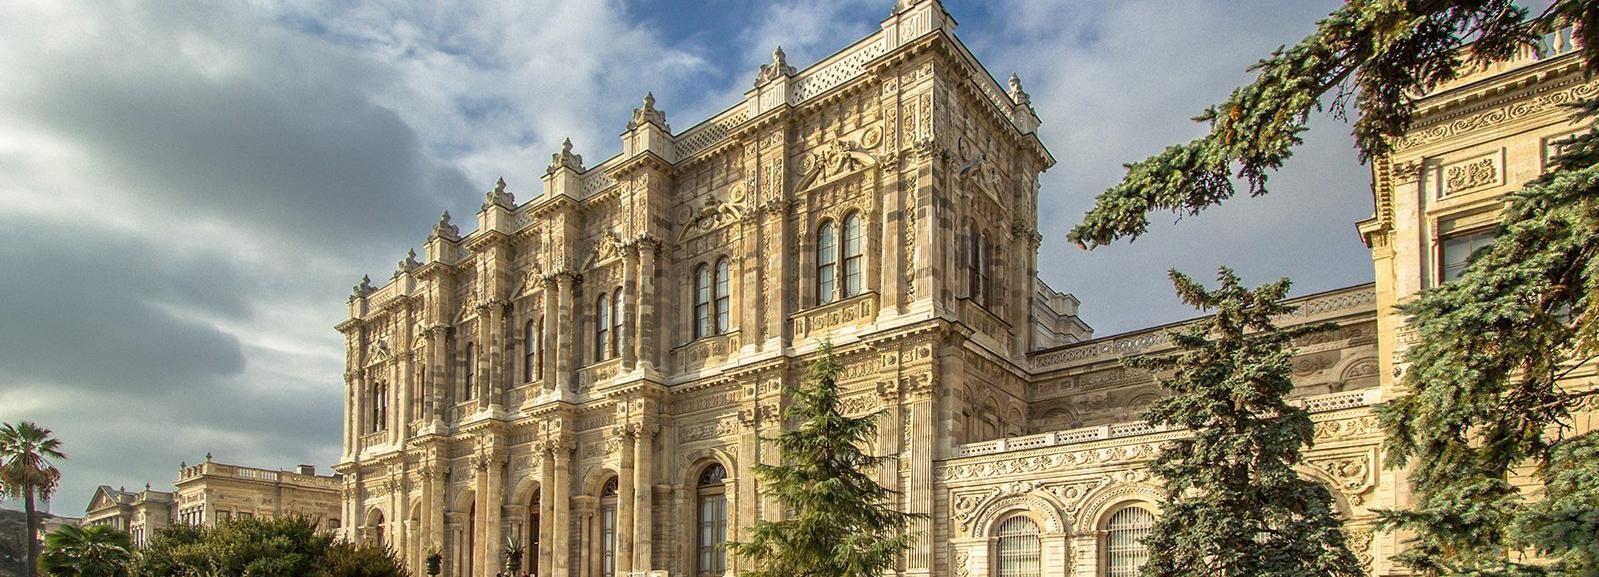 Estambul: entrada y tour guiado al palacio de Dolmabahçe